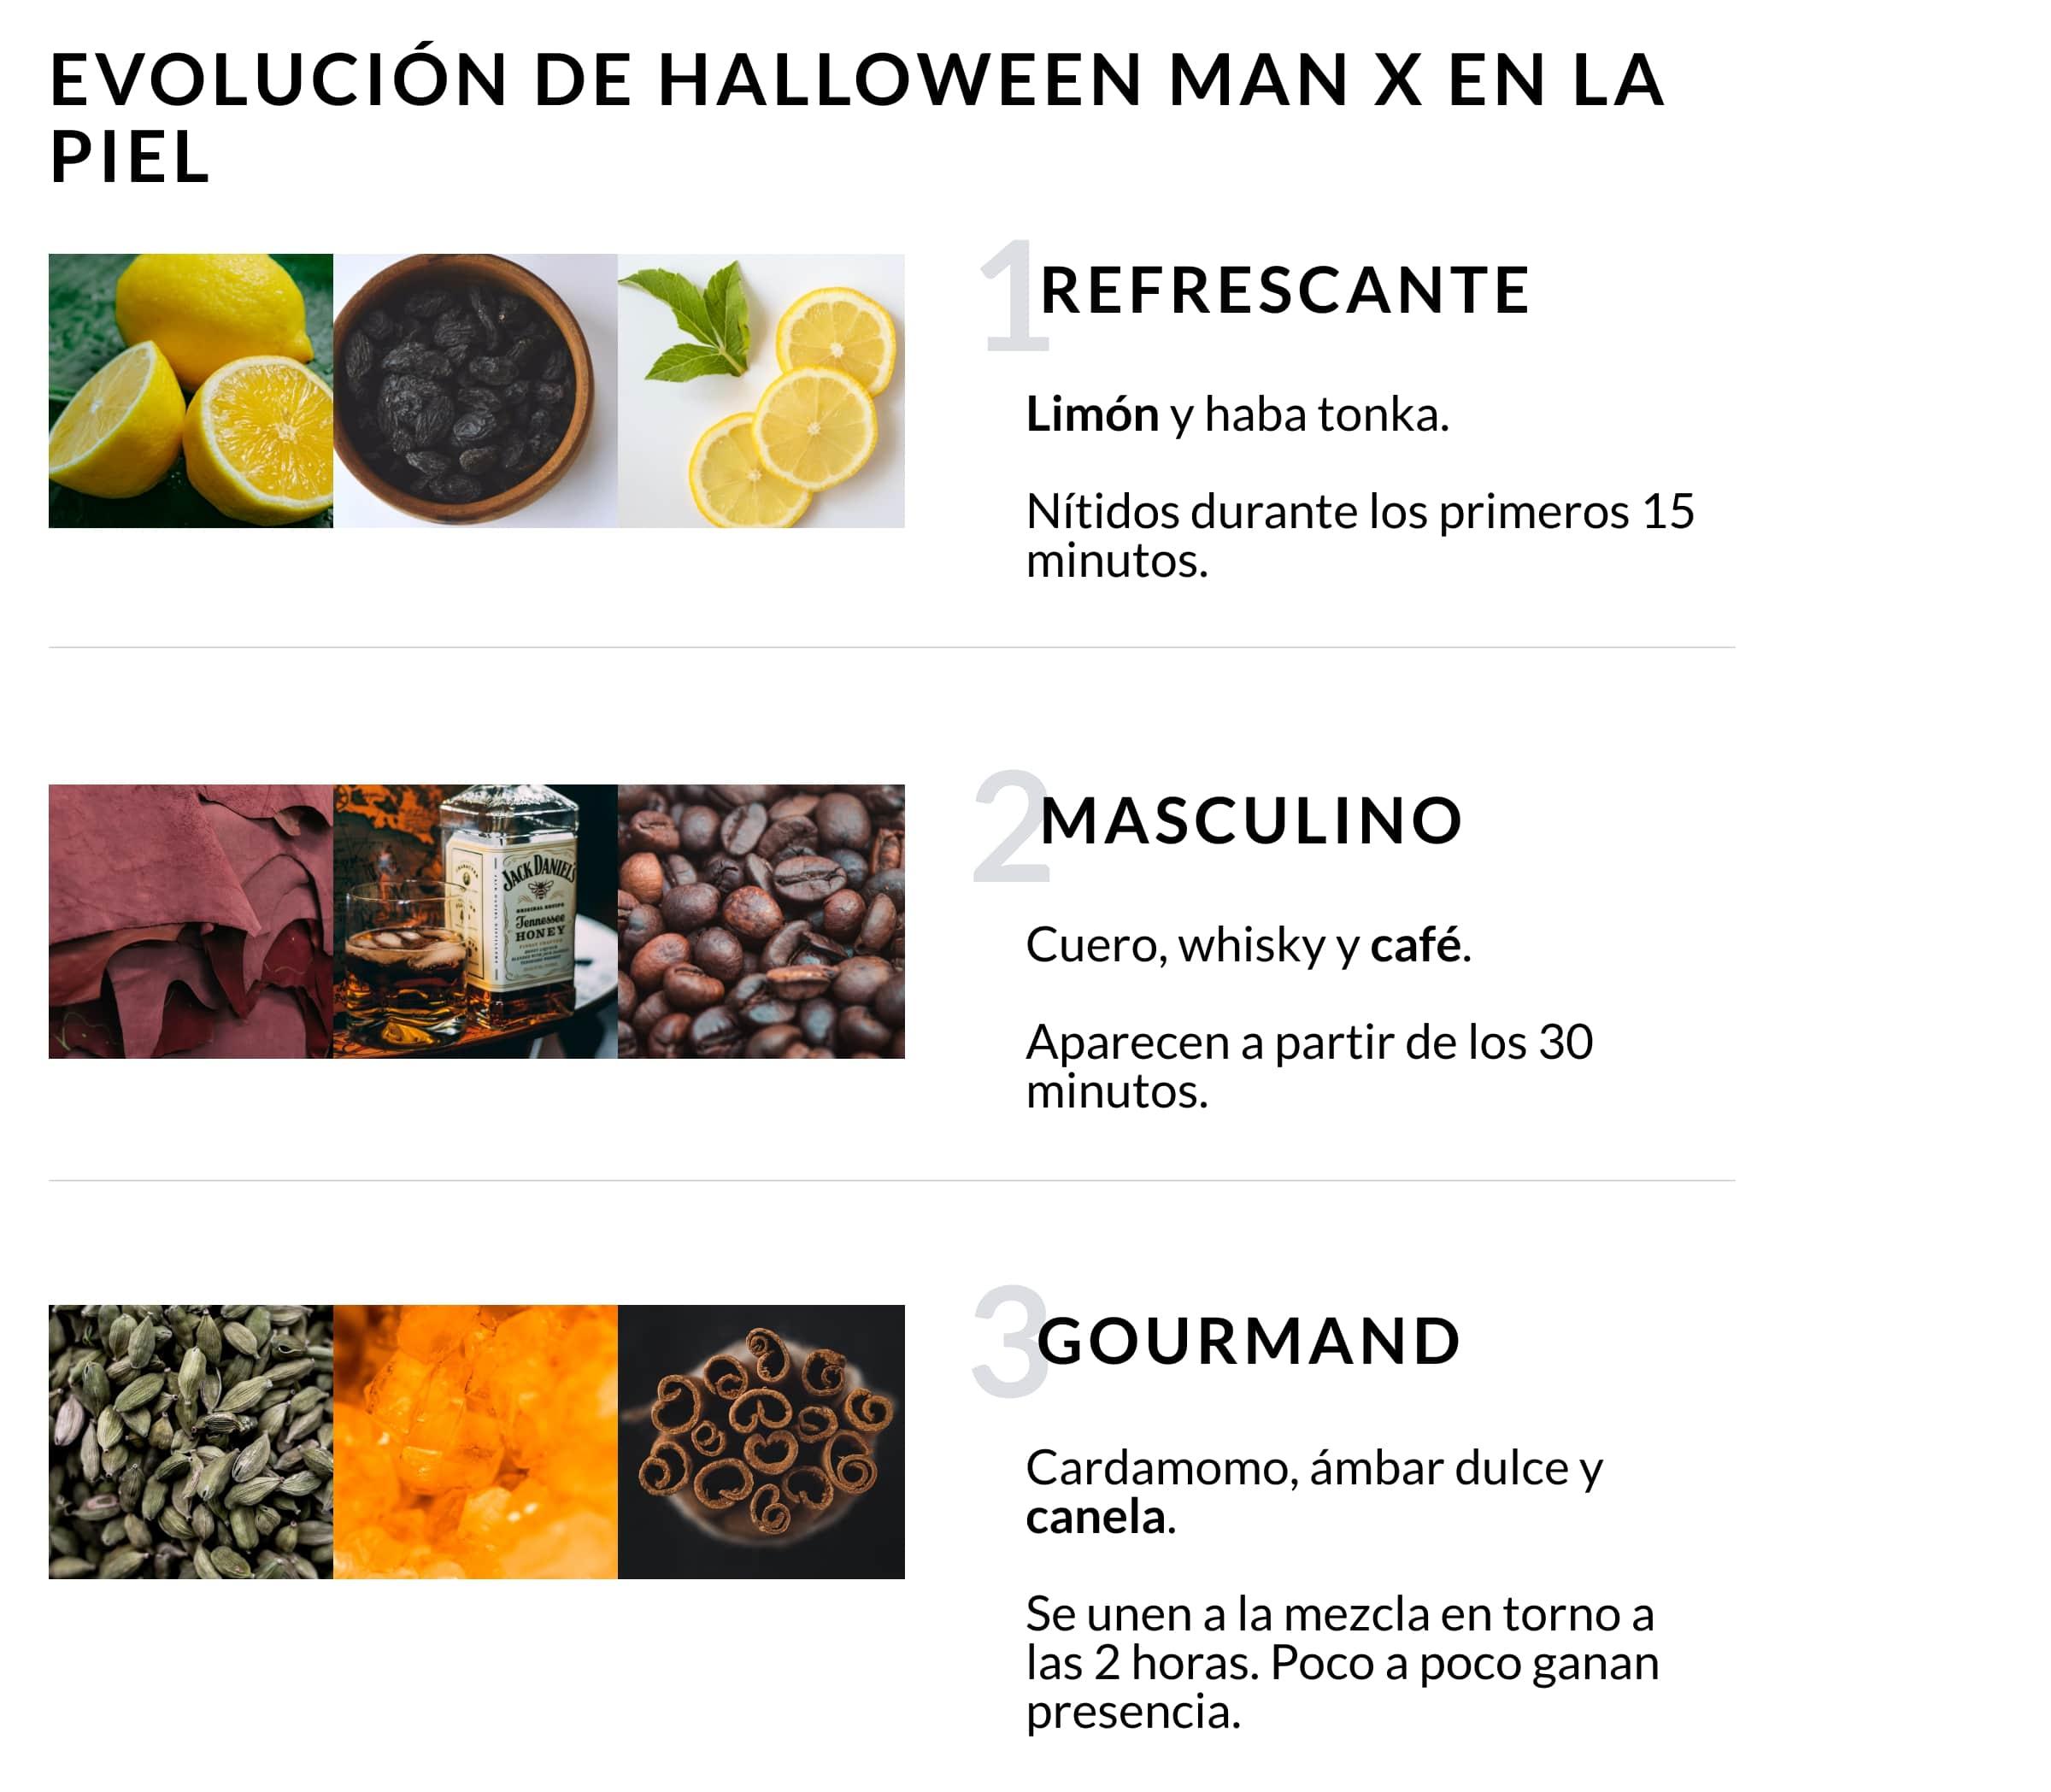 olor de halloween man x